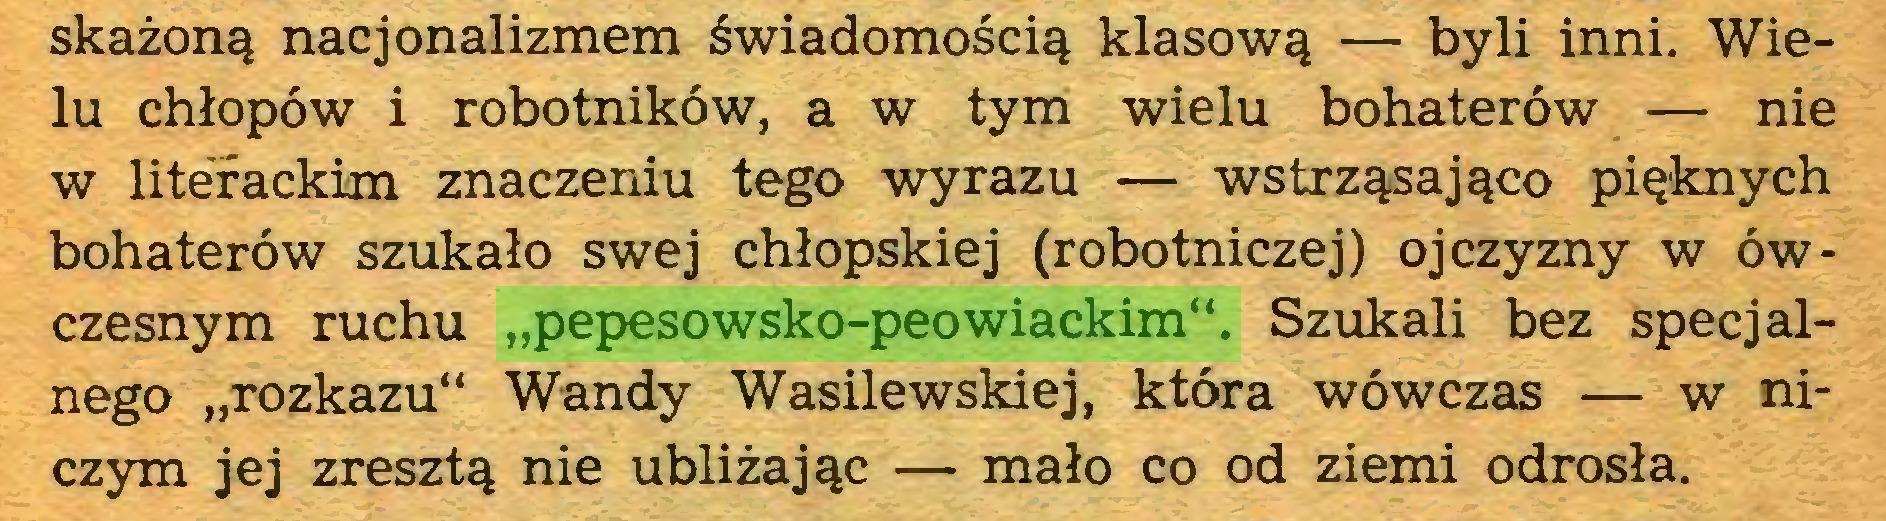 """(...) skażoną nacjonalizmem świadomością klasową — byli inni. Wielu chłopów i robotników, a w tym wielu bohaterów — nie w literackim znaczeniu tego wyrazu — wstrząsająco pięknych bohaterów szukało swej chłopskiej (robotniczej) ojczyzny w ówczesnym ruchu """"pepesowsko-peowiackim"""". Szukali bez specjalnego """"rozkazu"""" Wandy Wasilewskiej, która wówczas — w niczym jej zresztą nie ubliżając — mało co od ziemi odrosła..."""